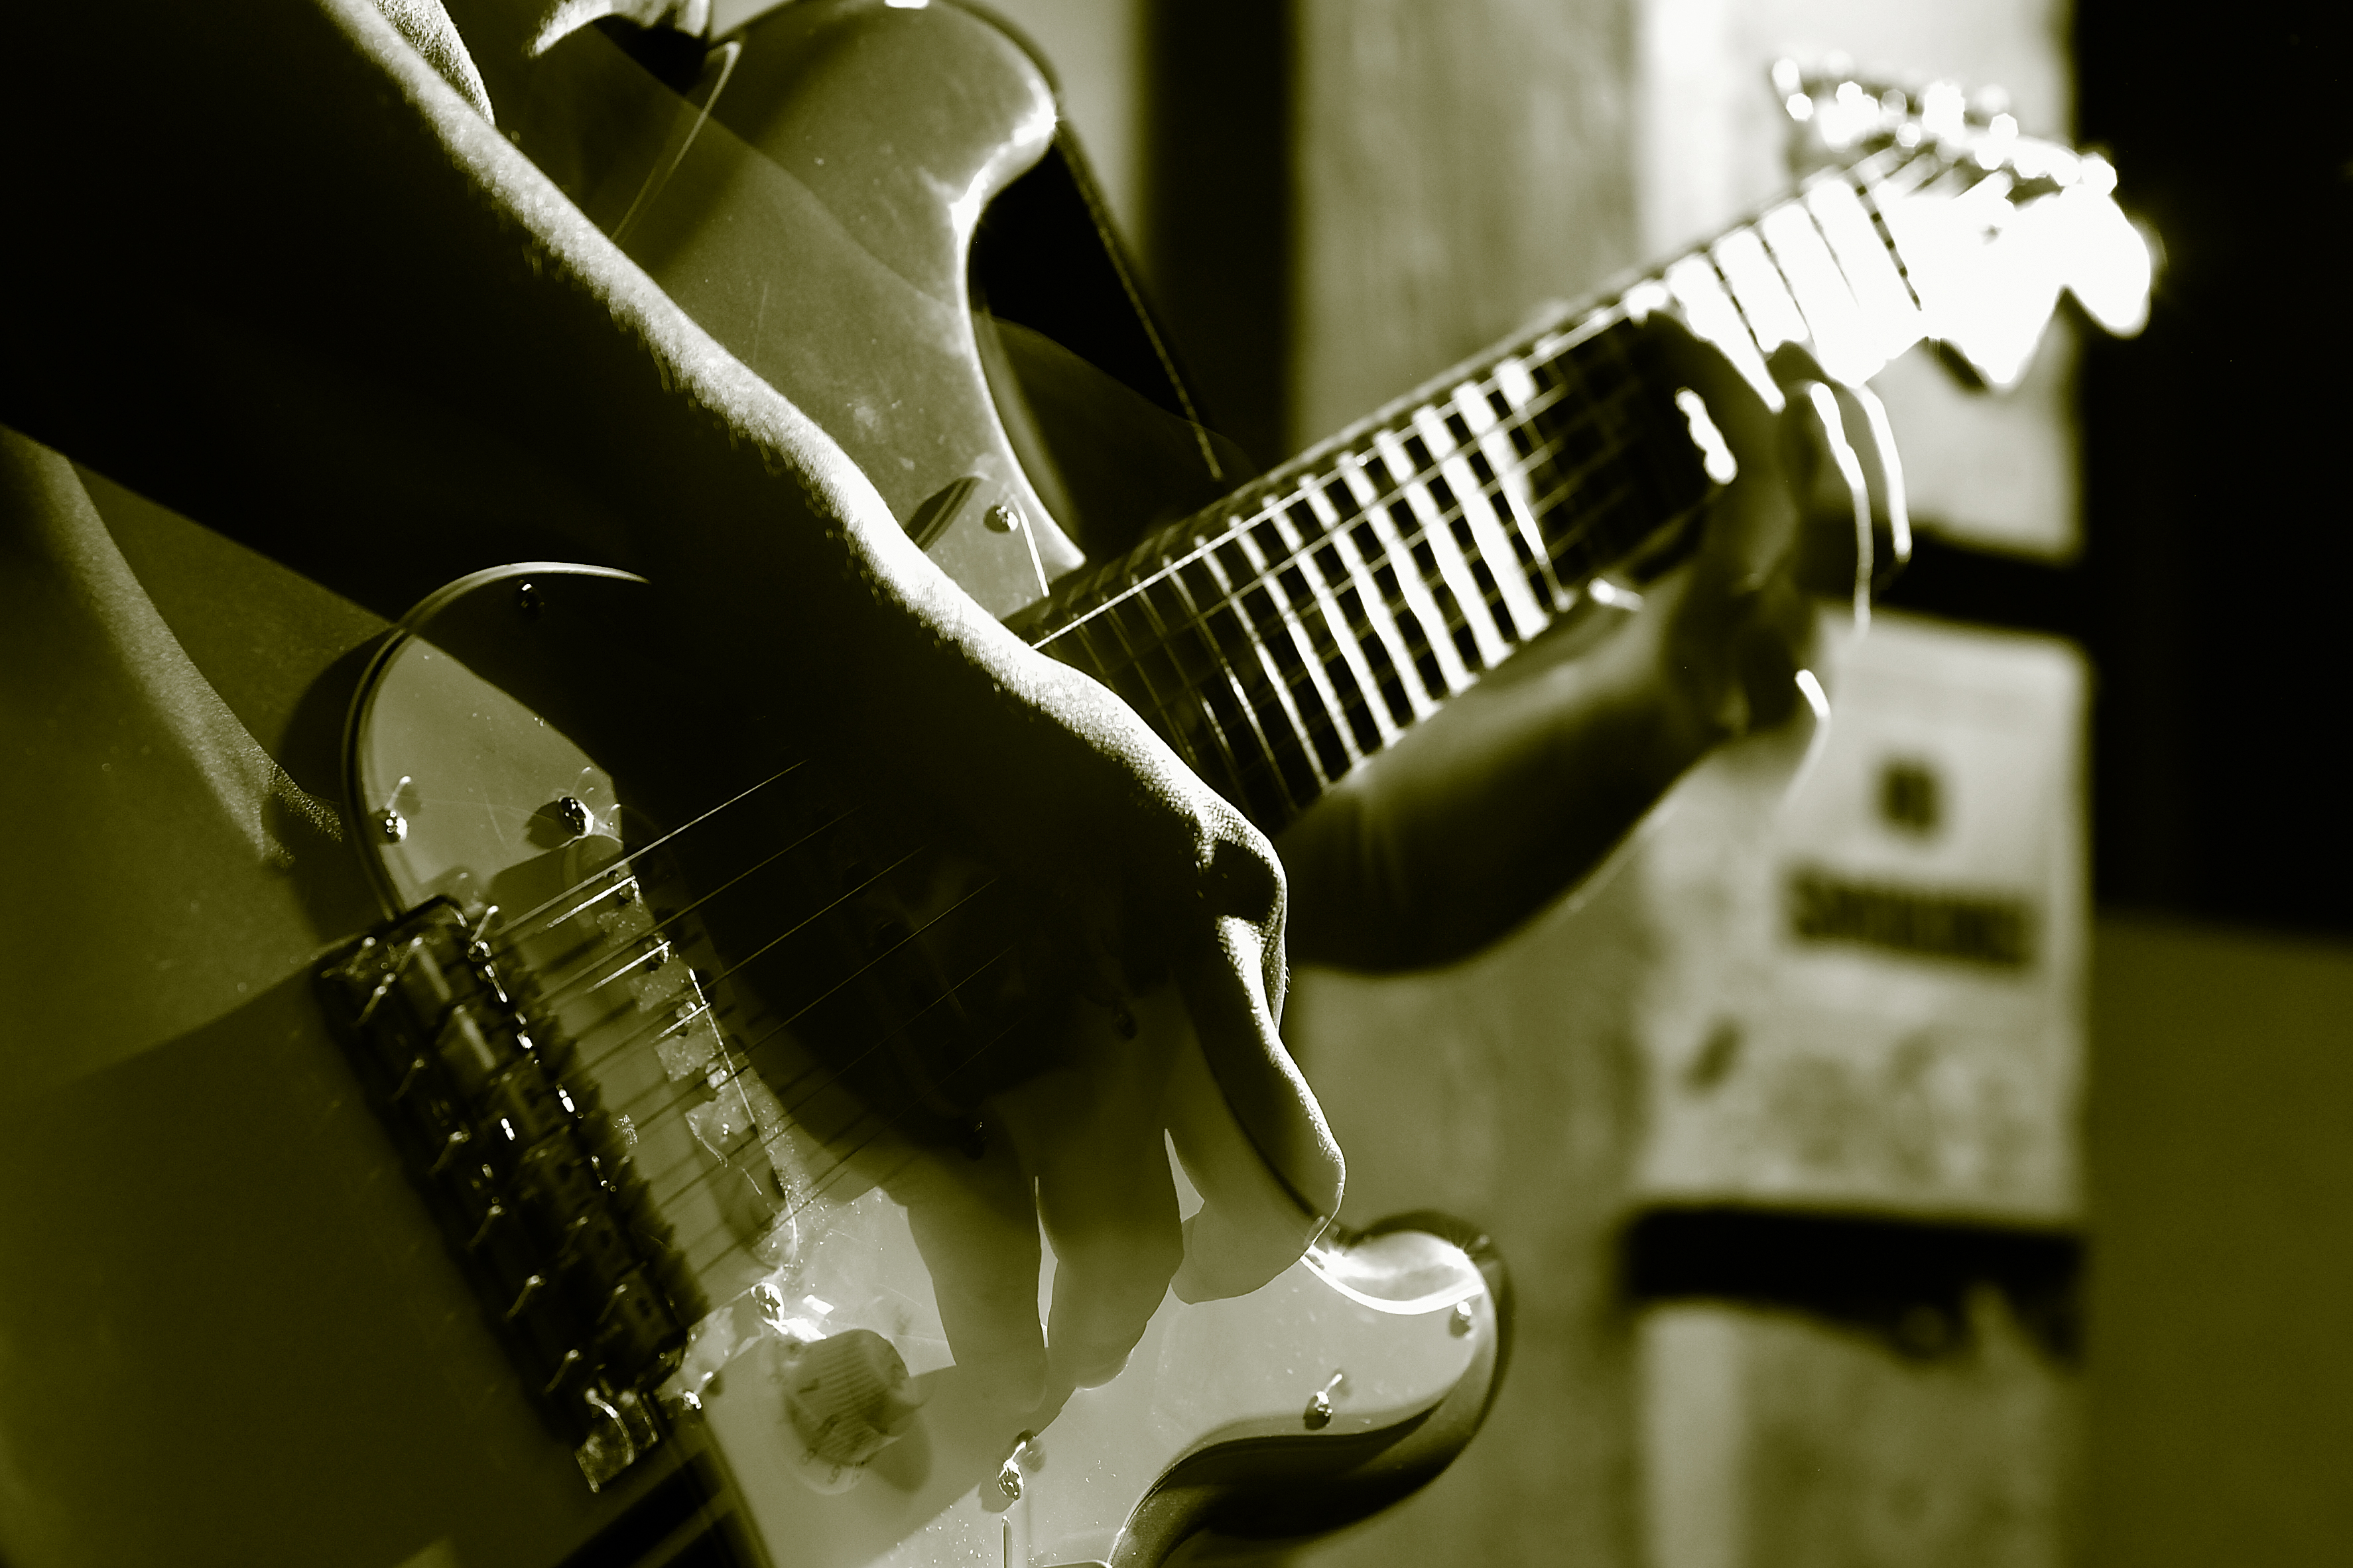 Гитара - один из главных аксессуаров романтики